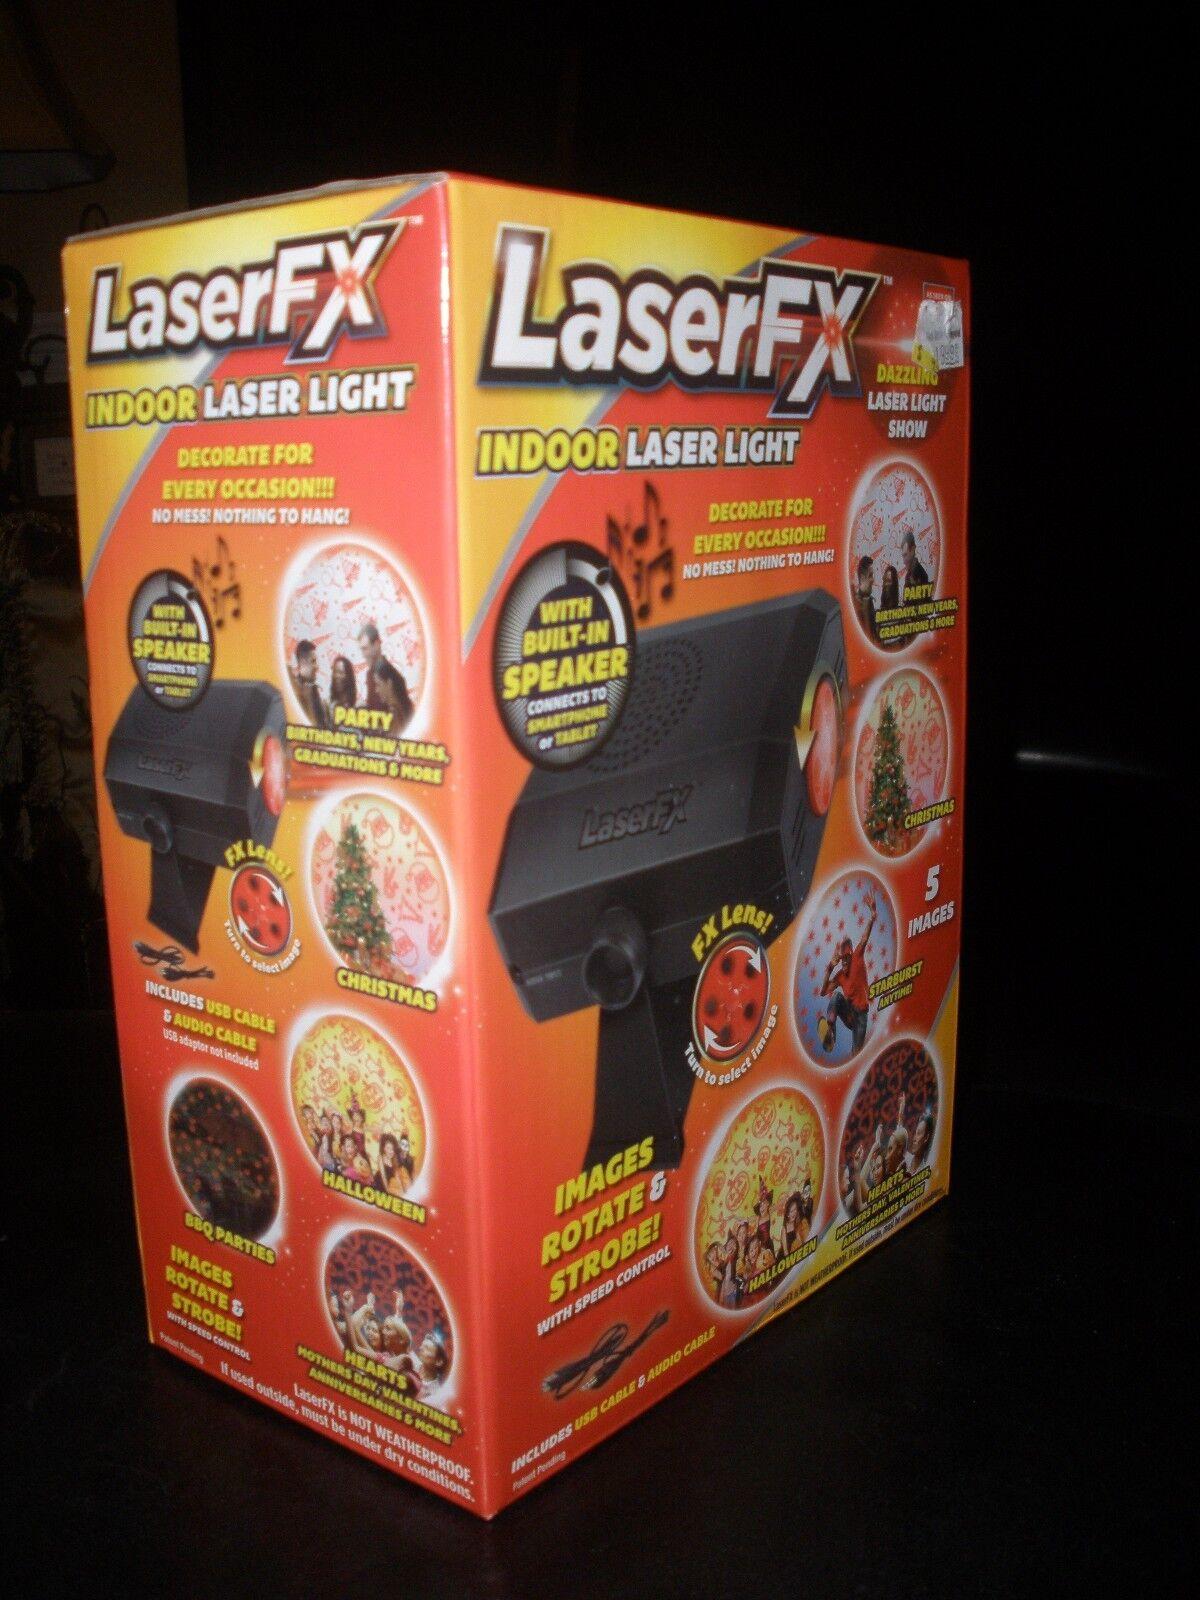 Christmas bluebanana  Laser FX Indoor Laser Light with Speaker-LP10006TD,NEW